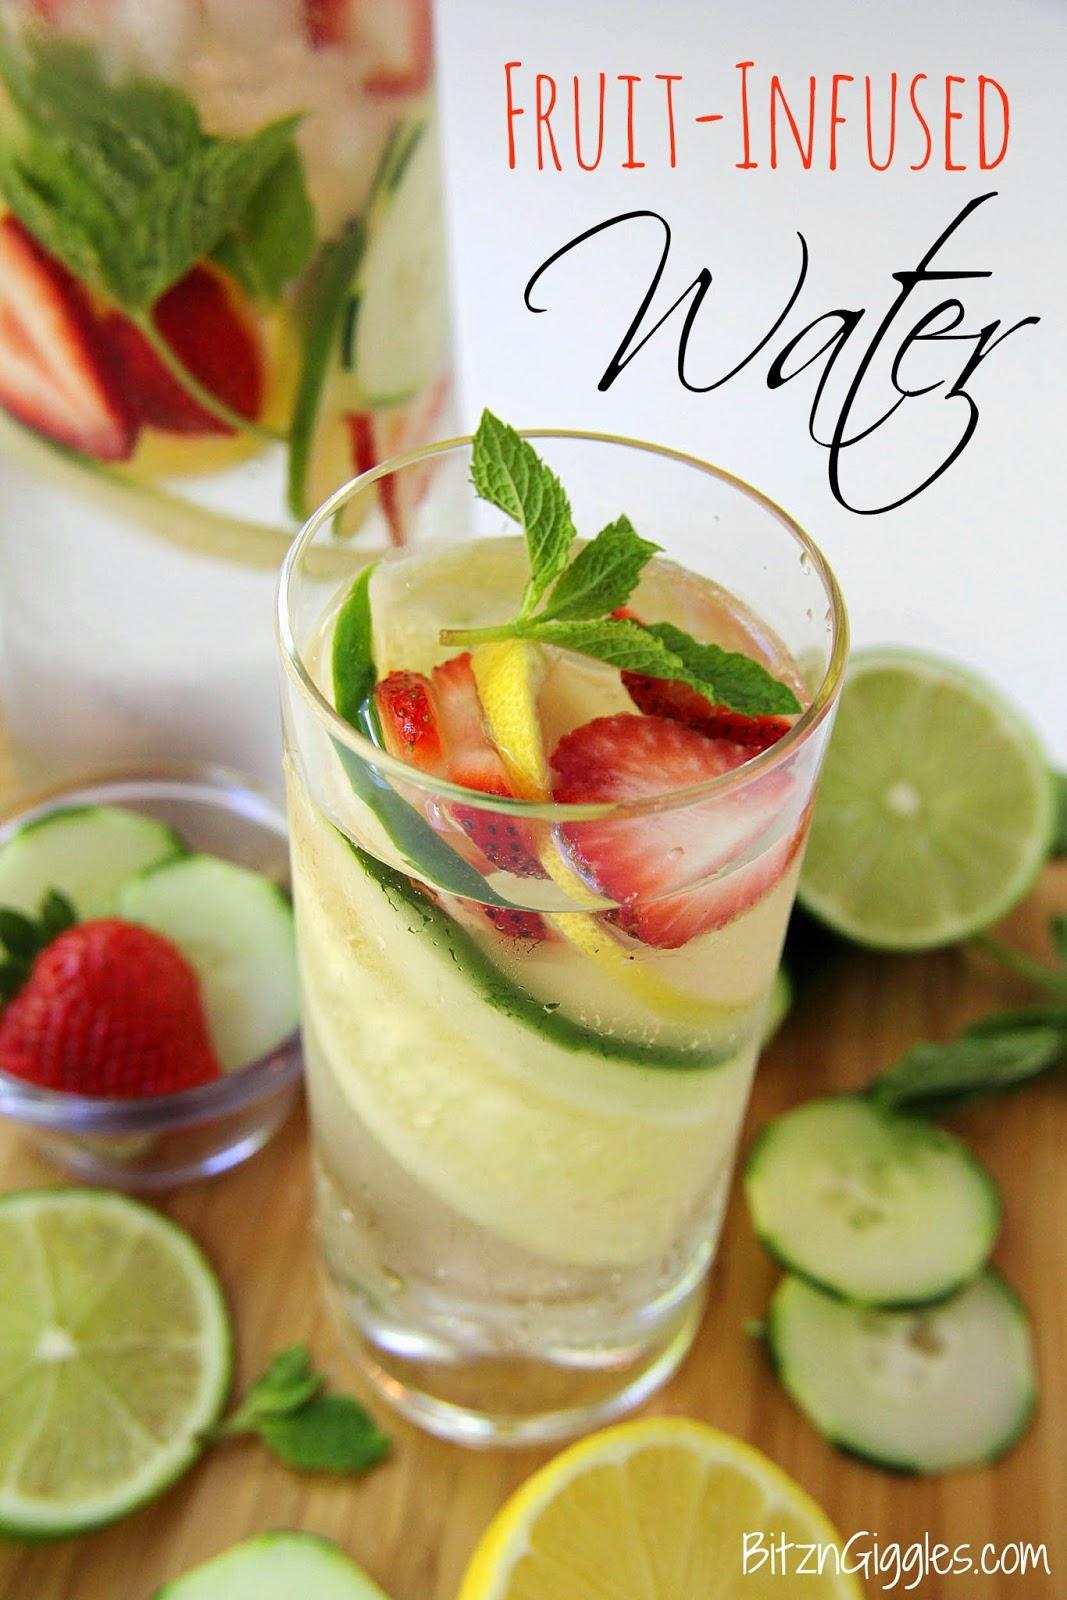 Kenali Manfaat Bahan Bahan Cantik dalam Fruit Infused Water